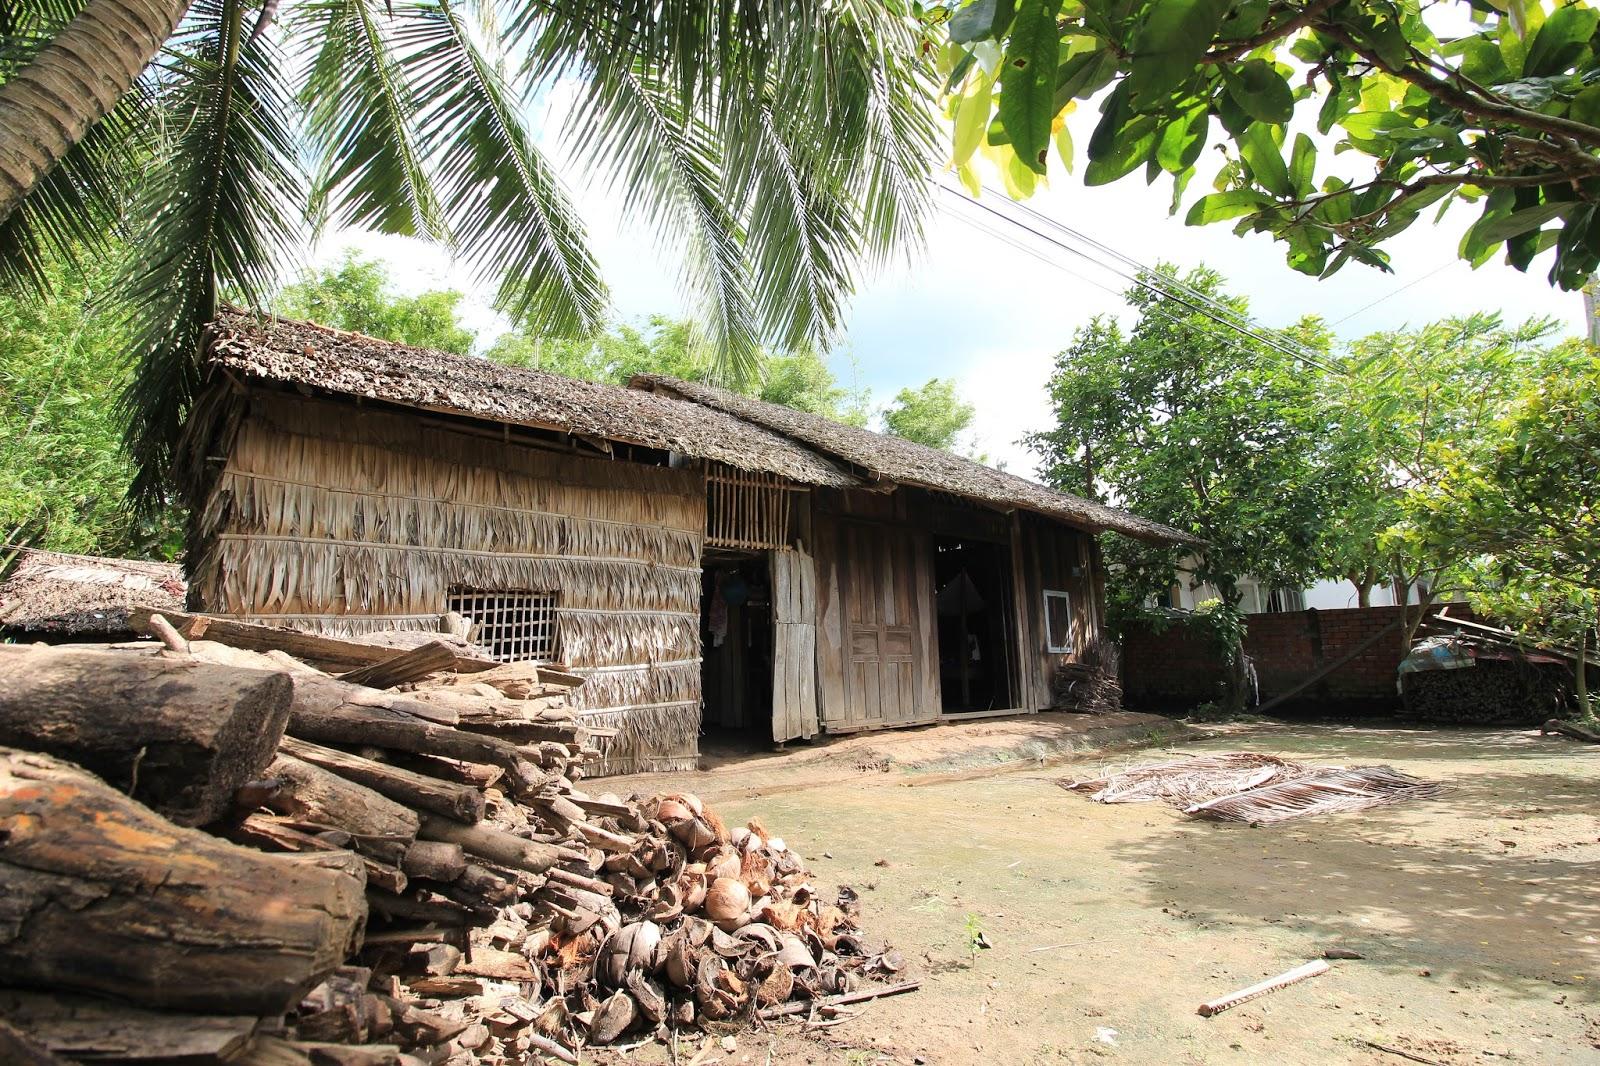 Nhà lá | Mẫu kiến trúc đậm chất dân dã Việt